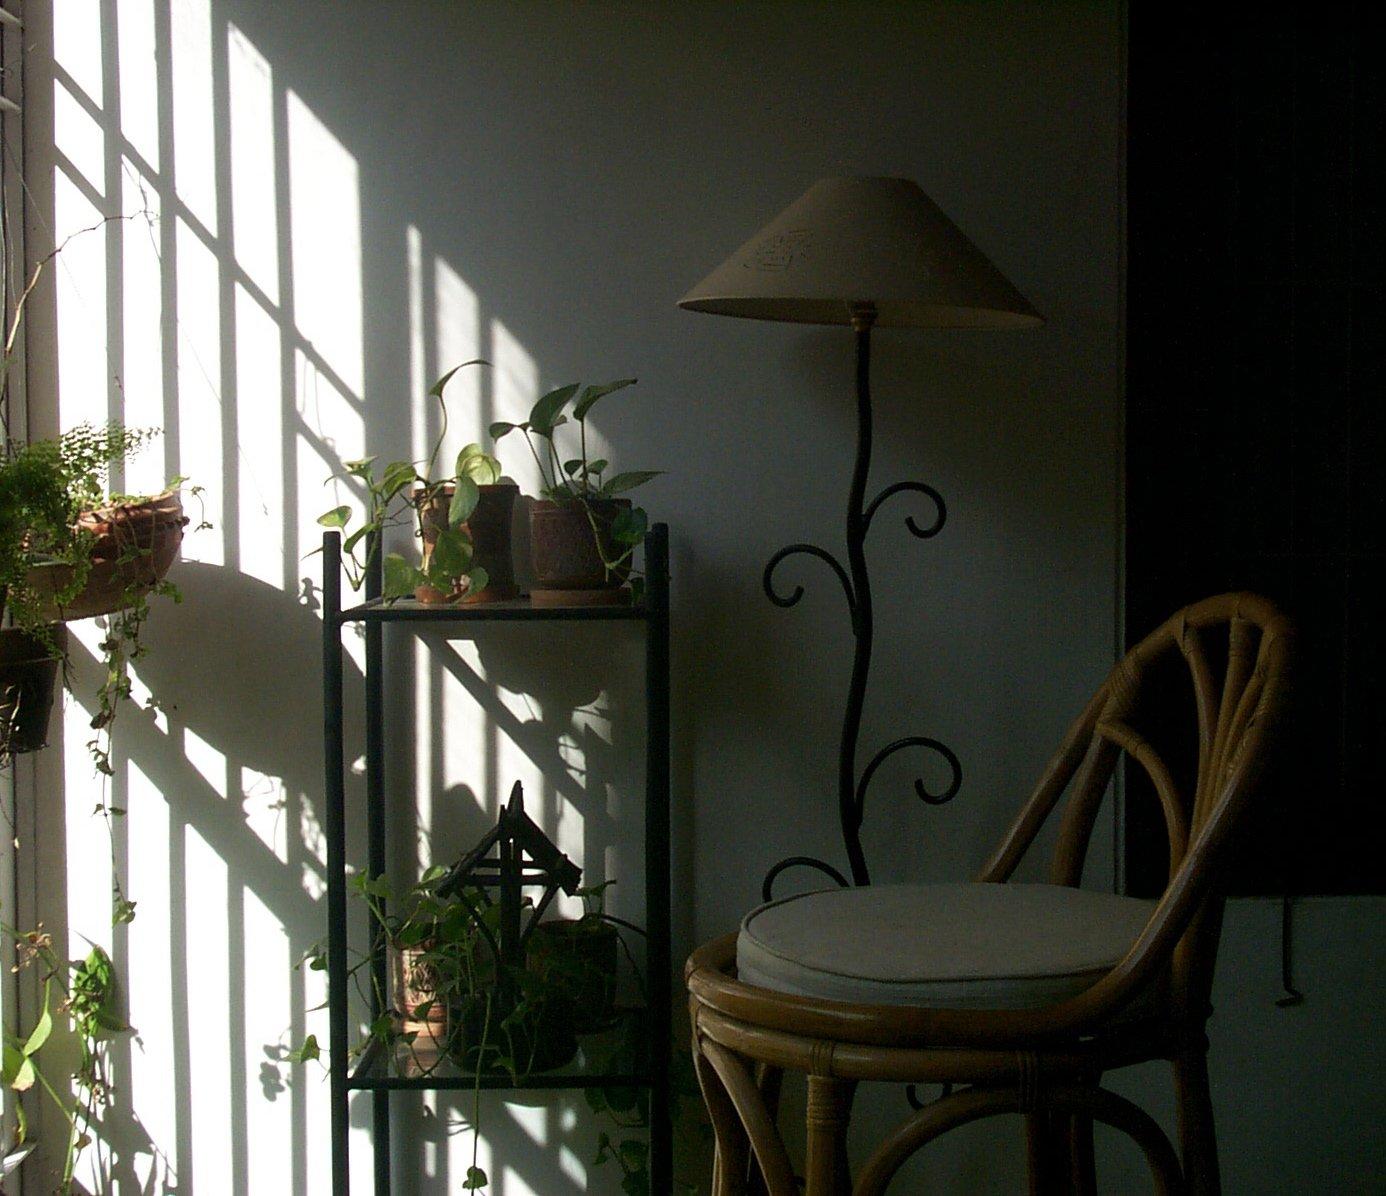 Free Interior motives 1 Stock Photo - FreeImages.com